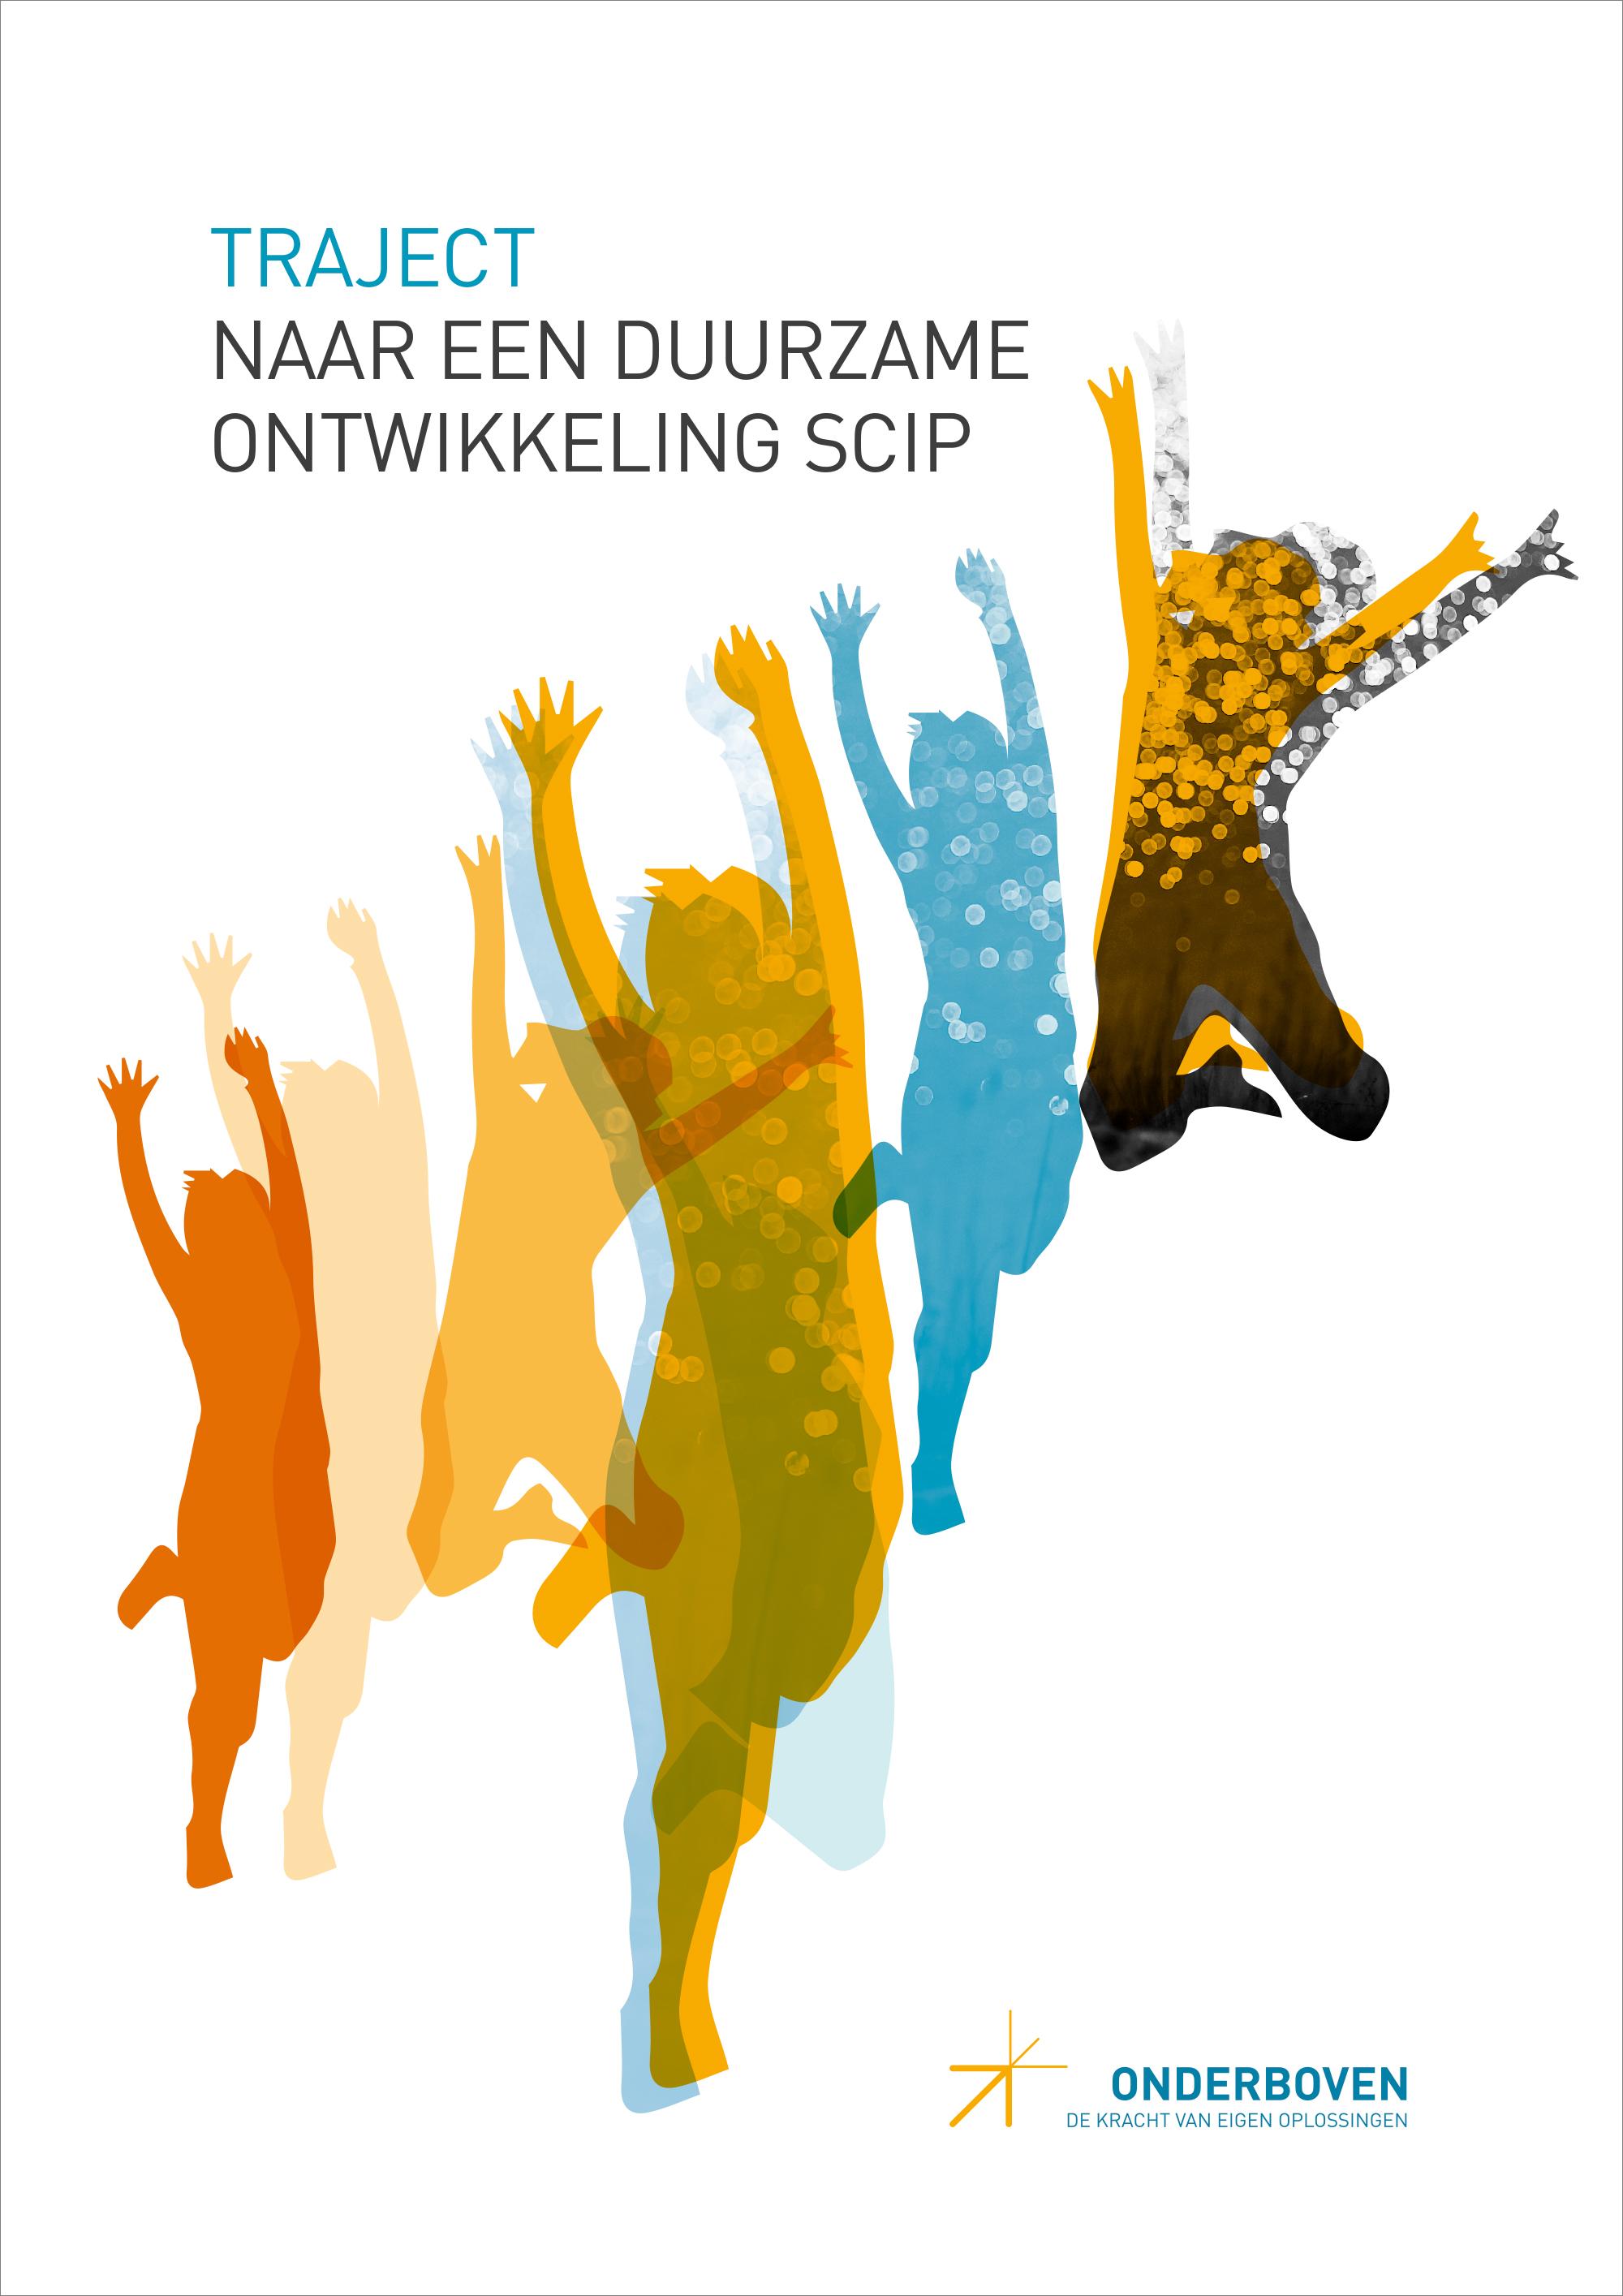 Naar-een-duurzame-ontwikkeling-SCIP-1